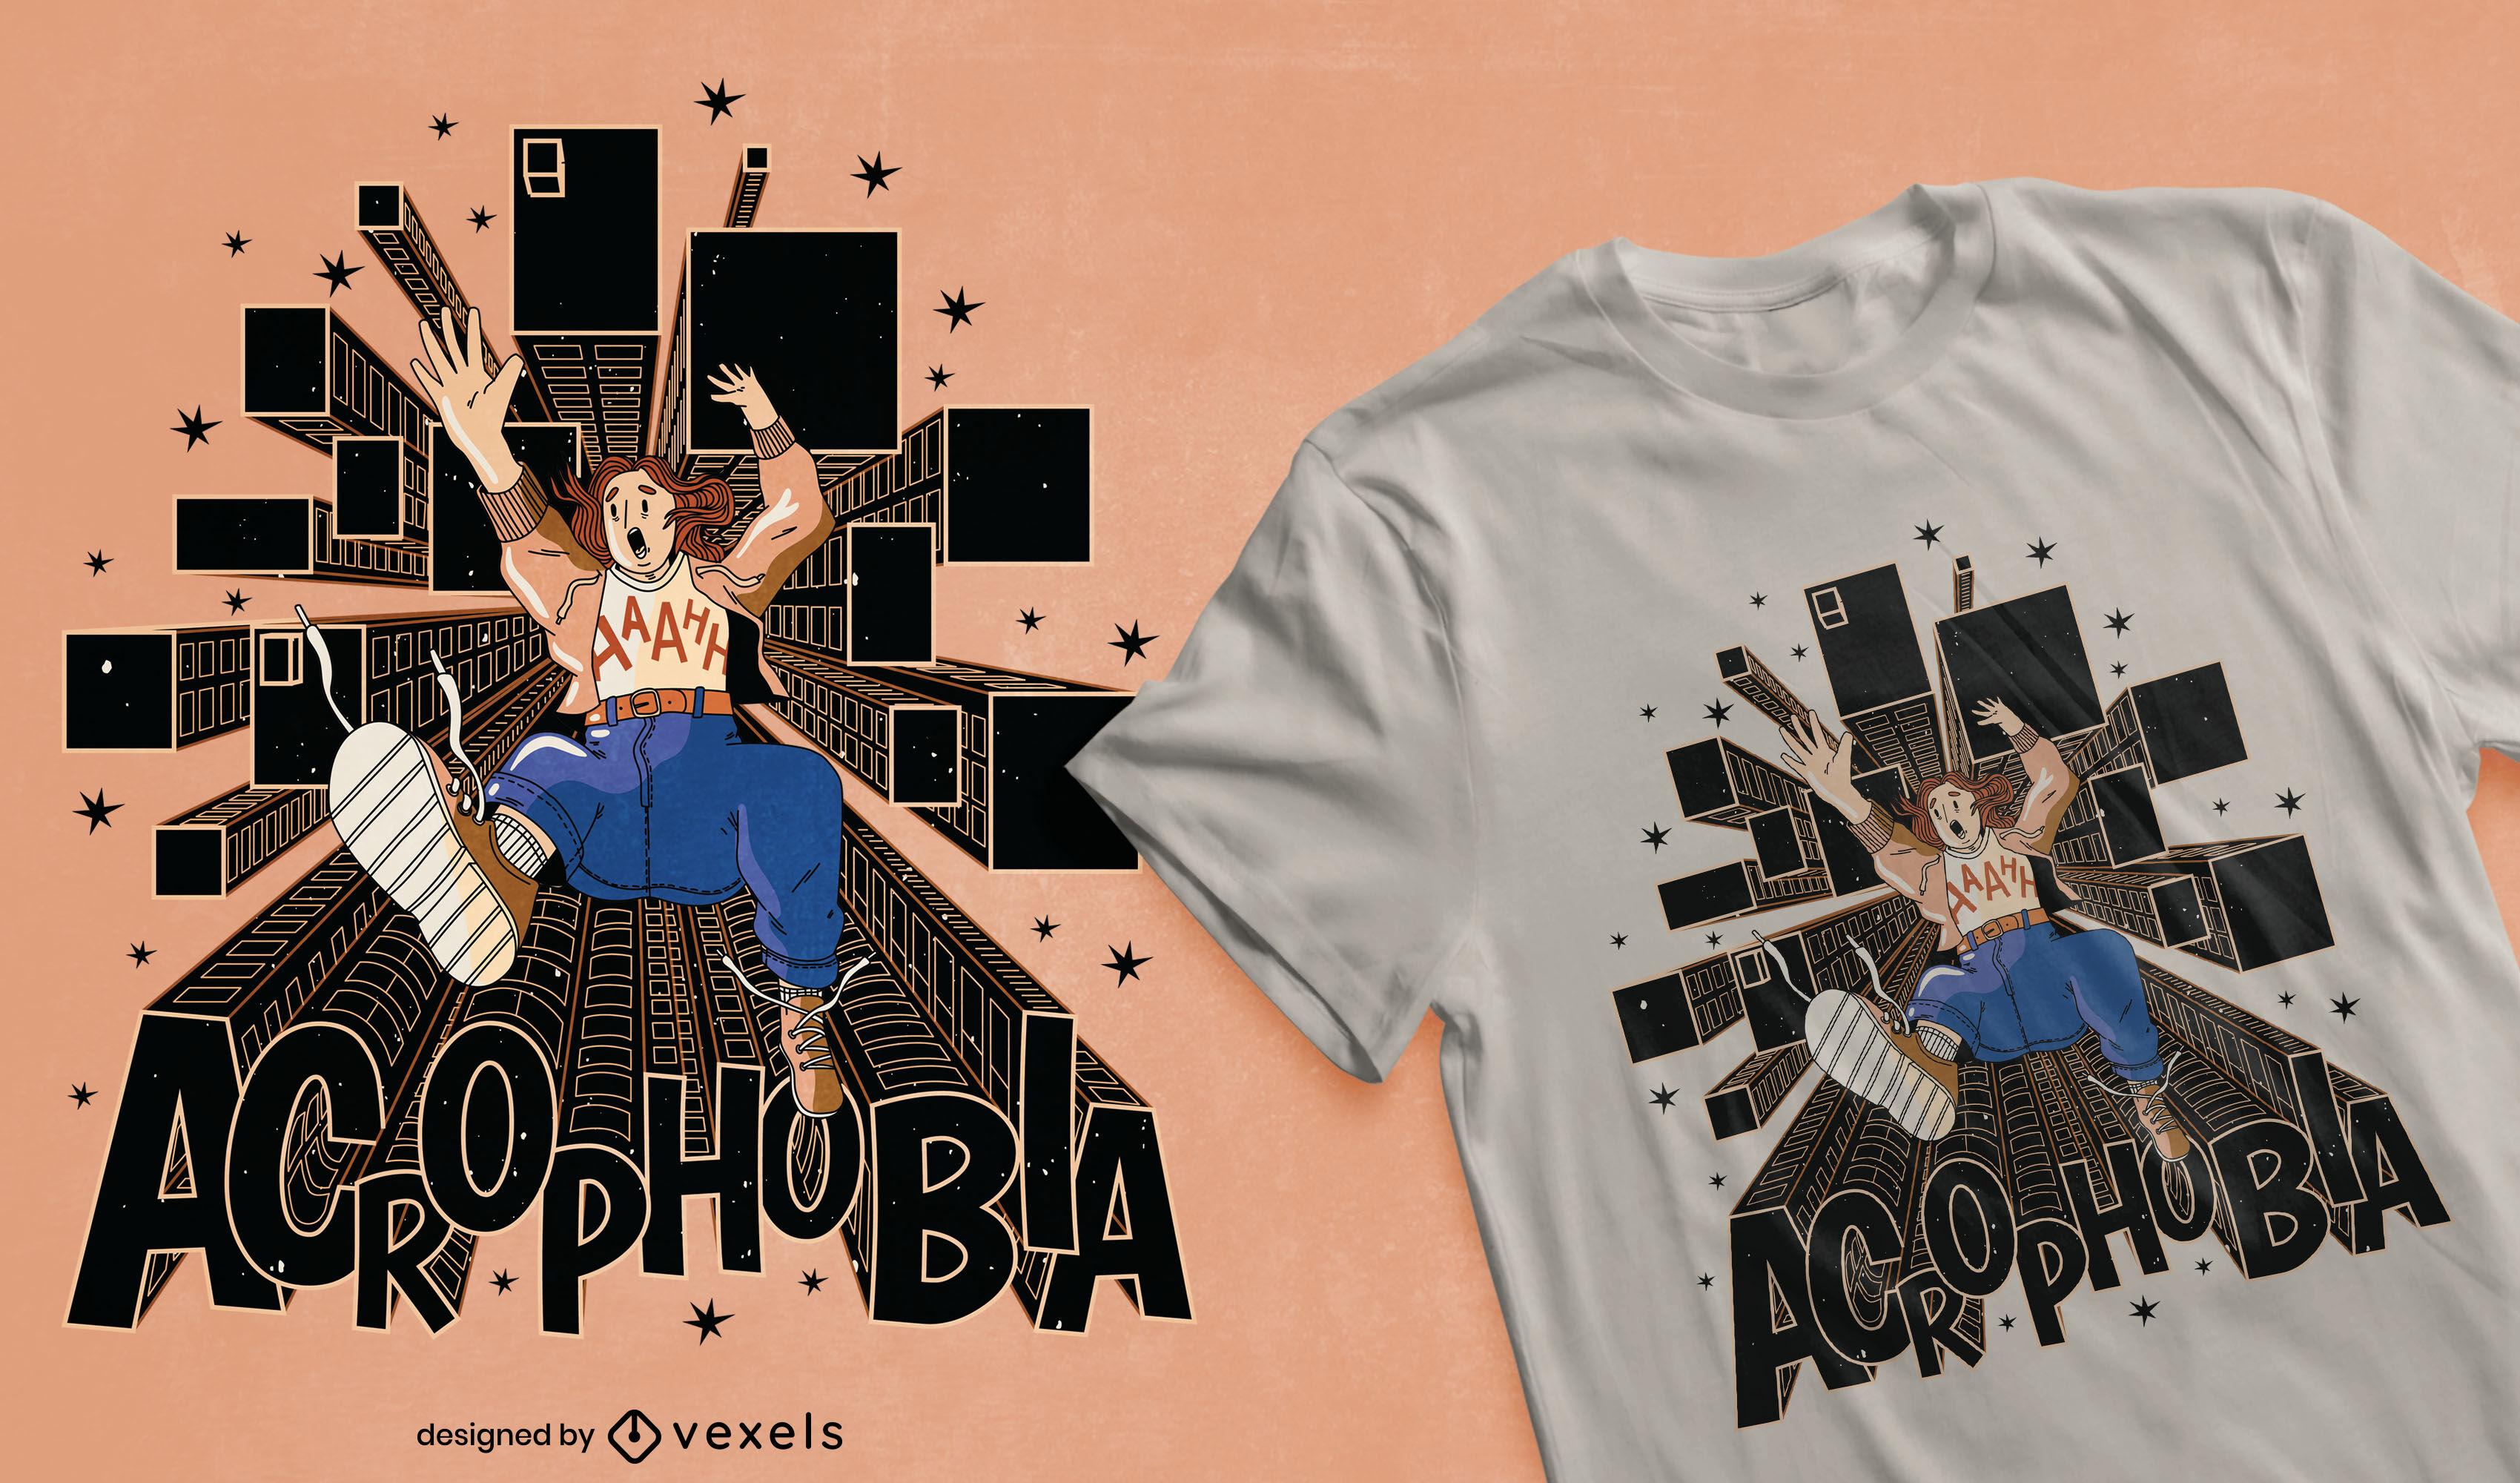 Diseño de camiseta de acrofobia genial